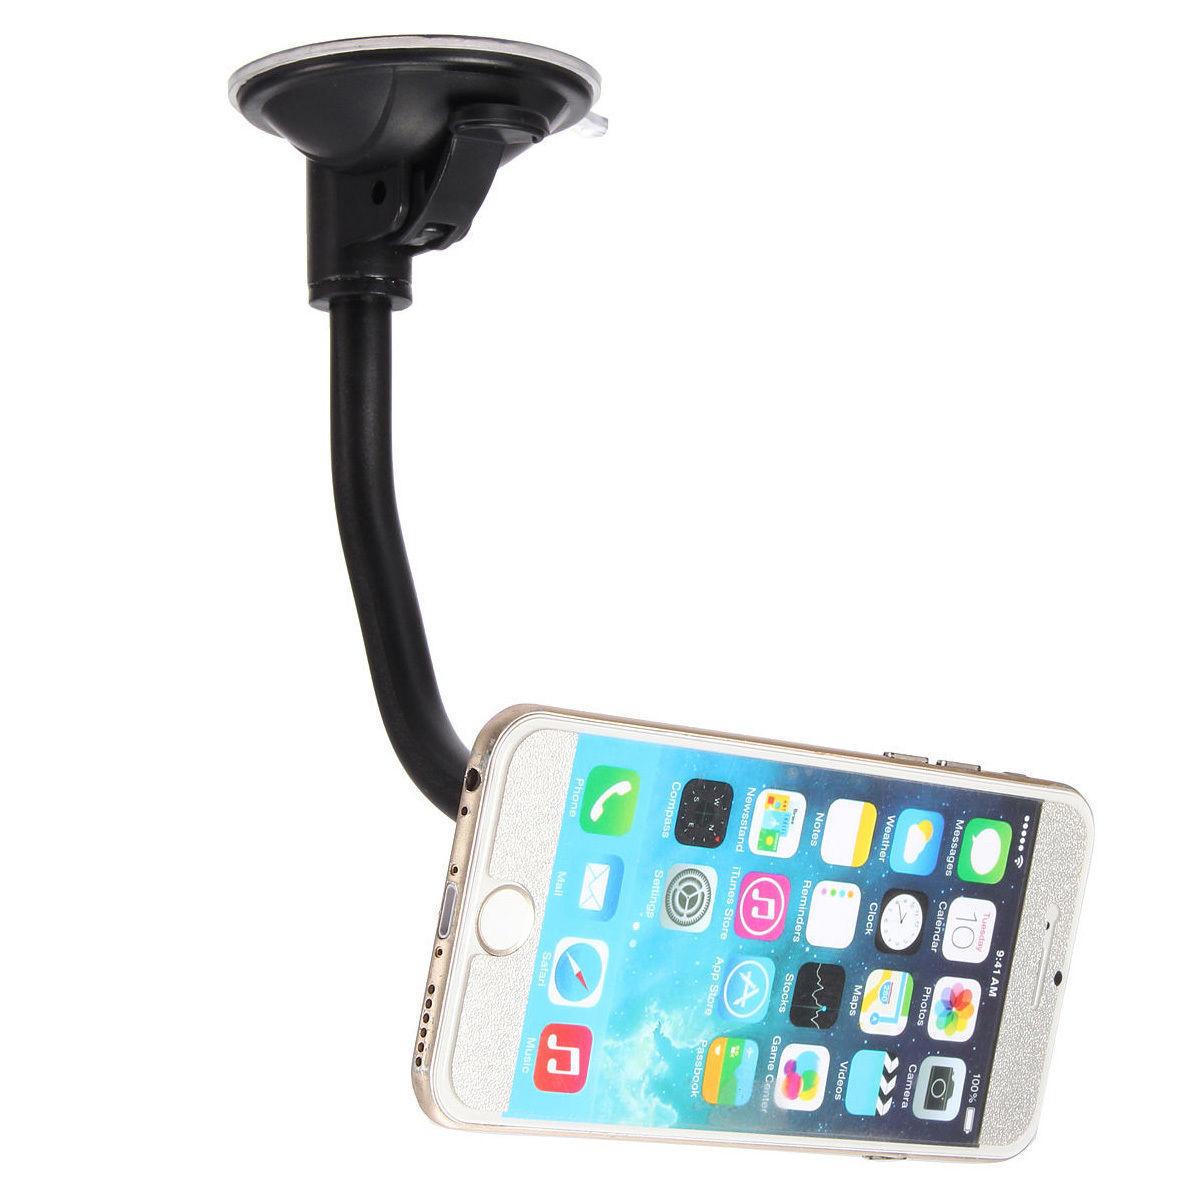 Magnetic mount car dashboard mobile phone holder 11